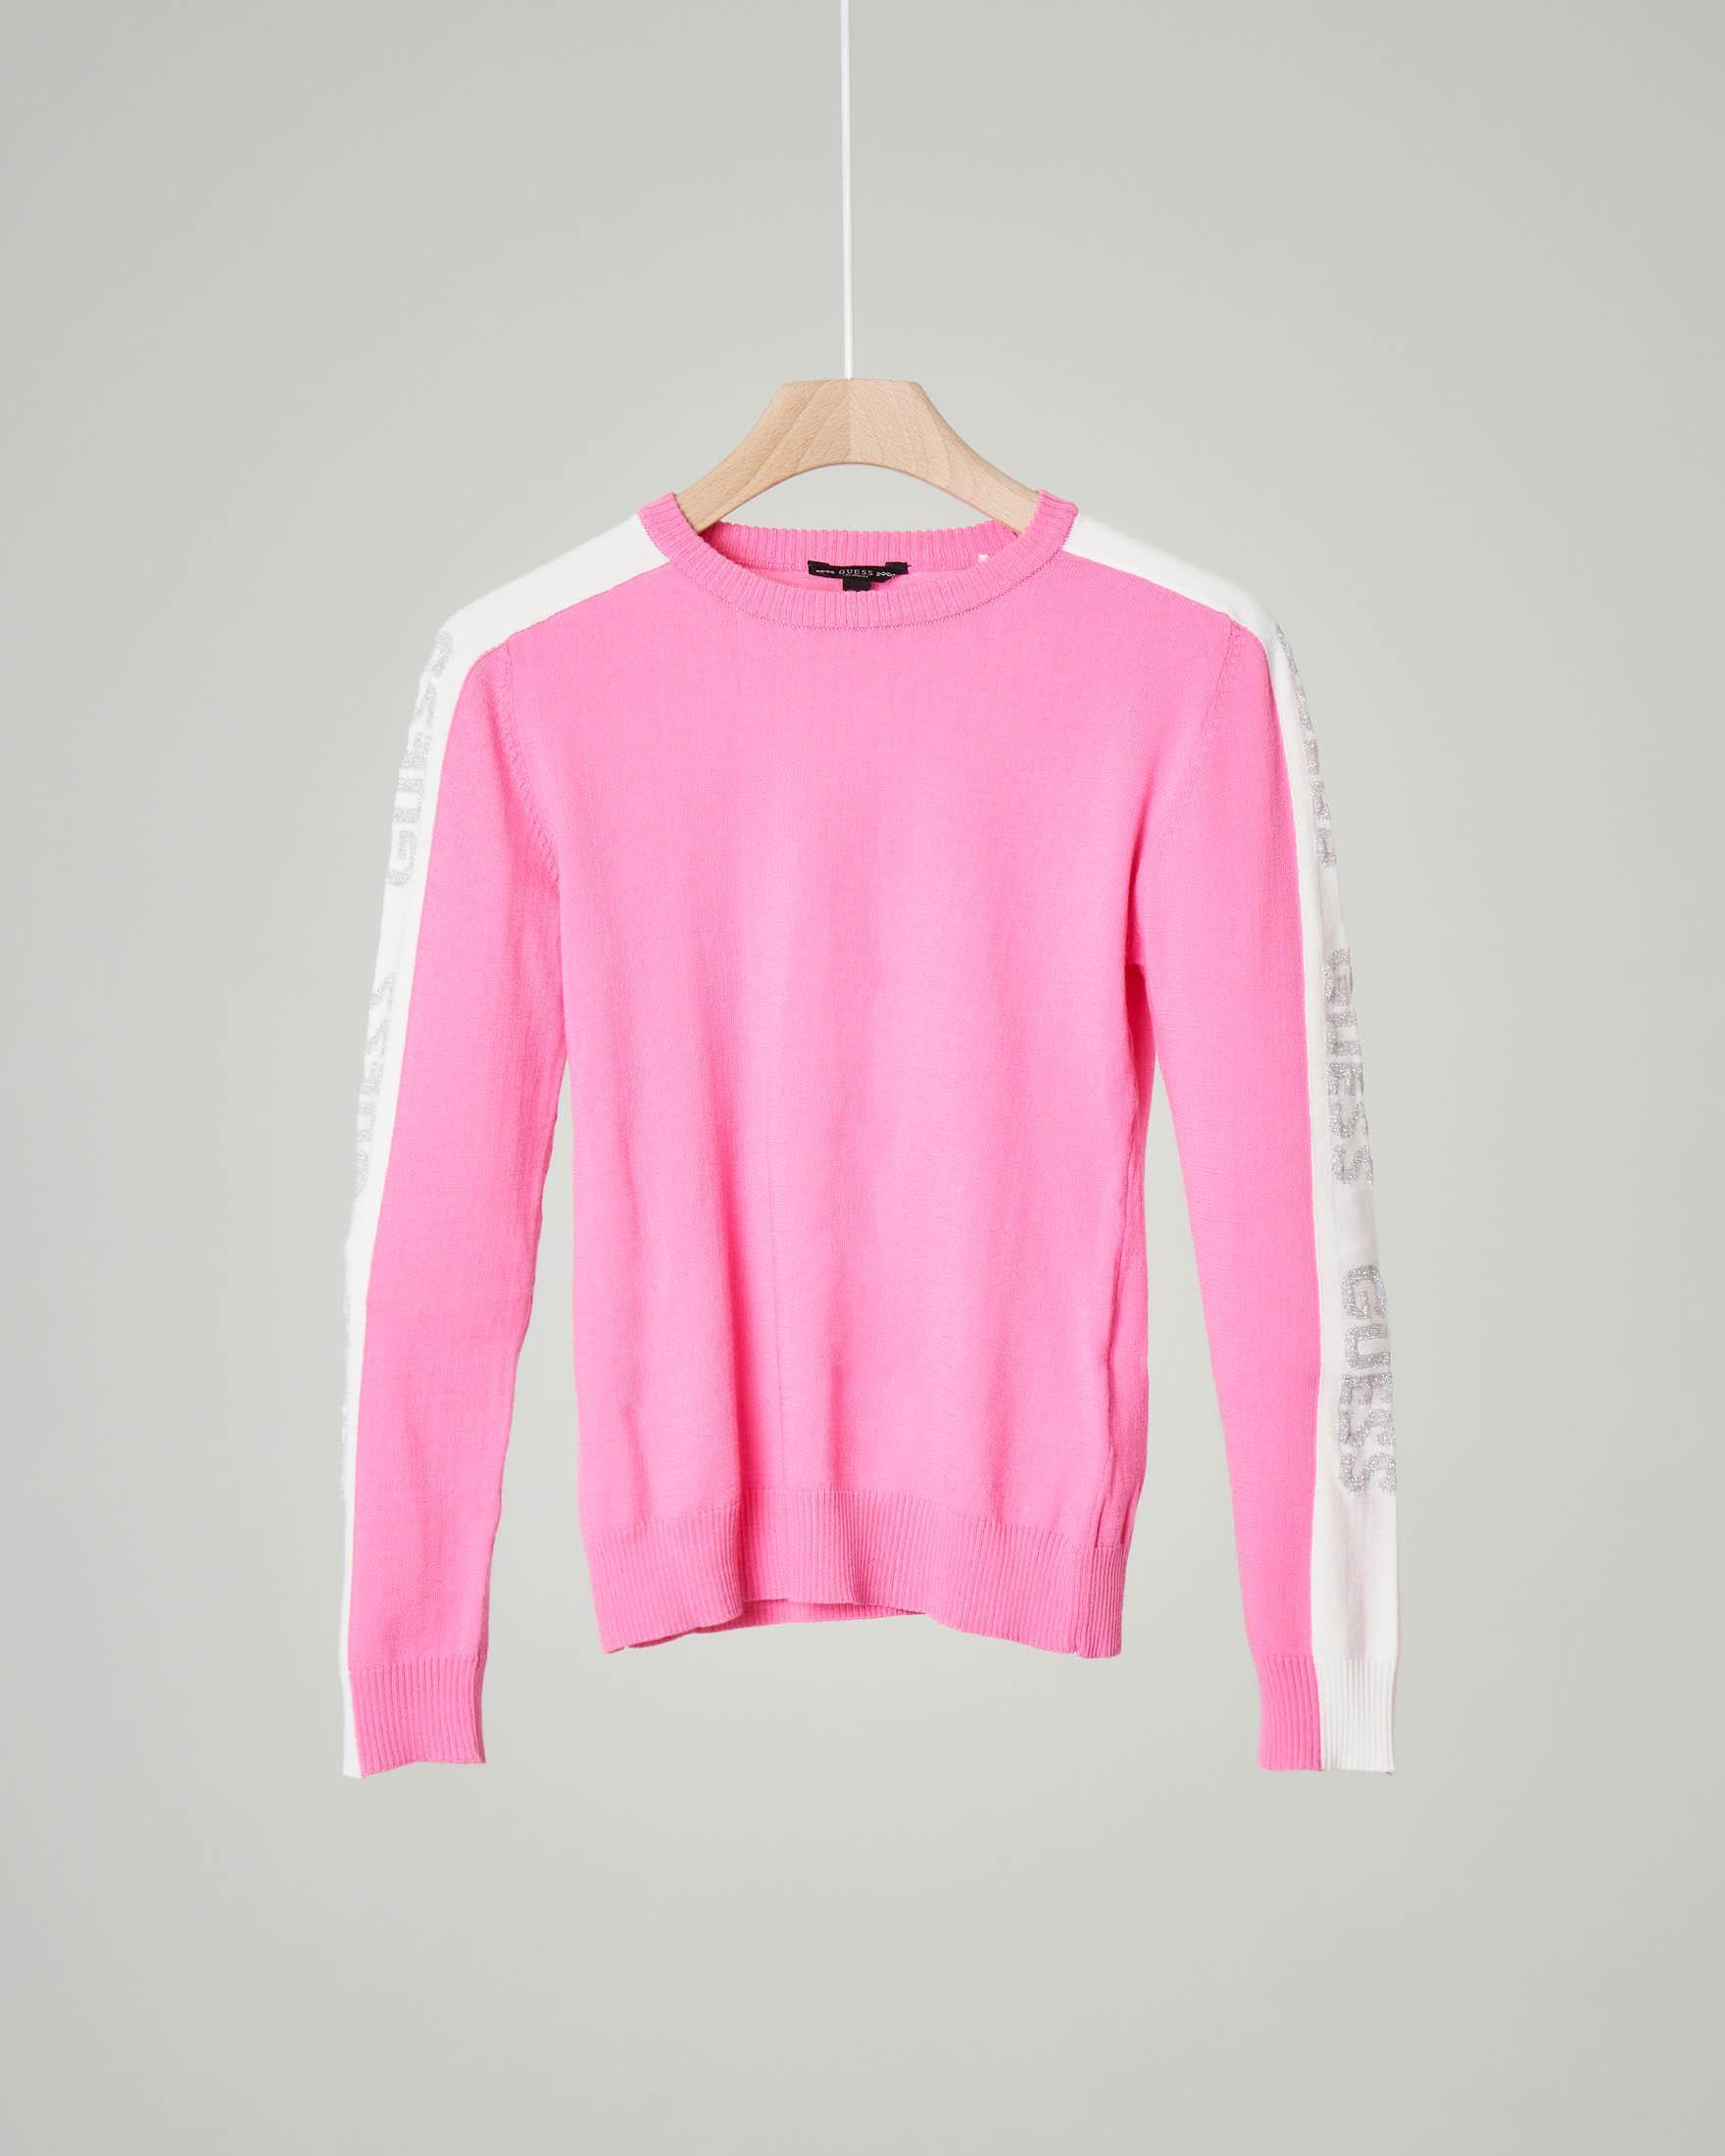 Maglia rosa girocollo con bande bianche e logo glitter 8-16 anni